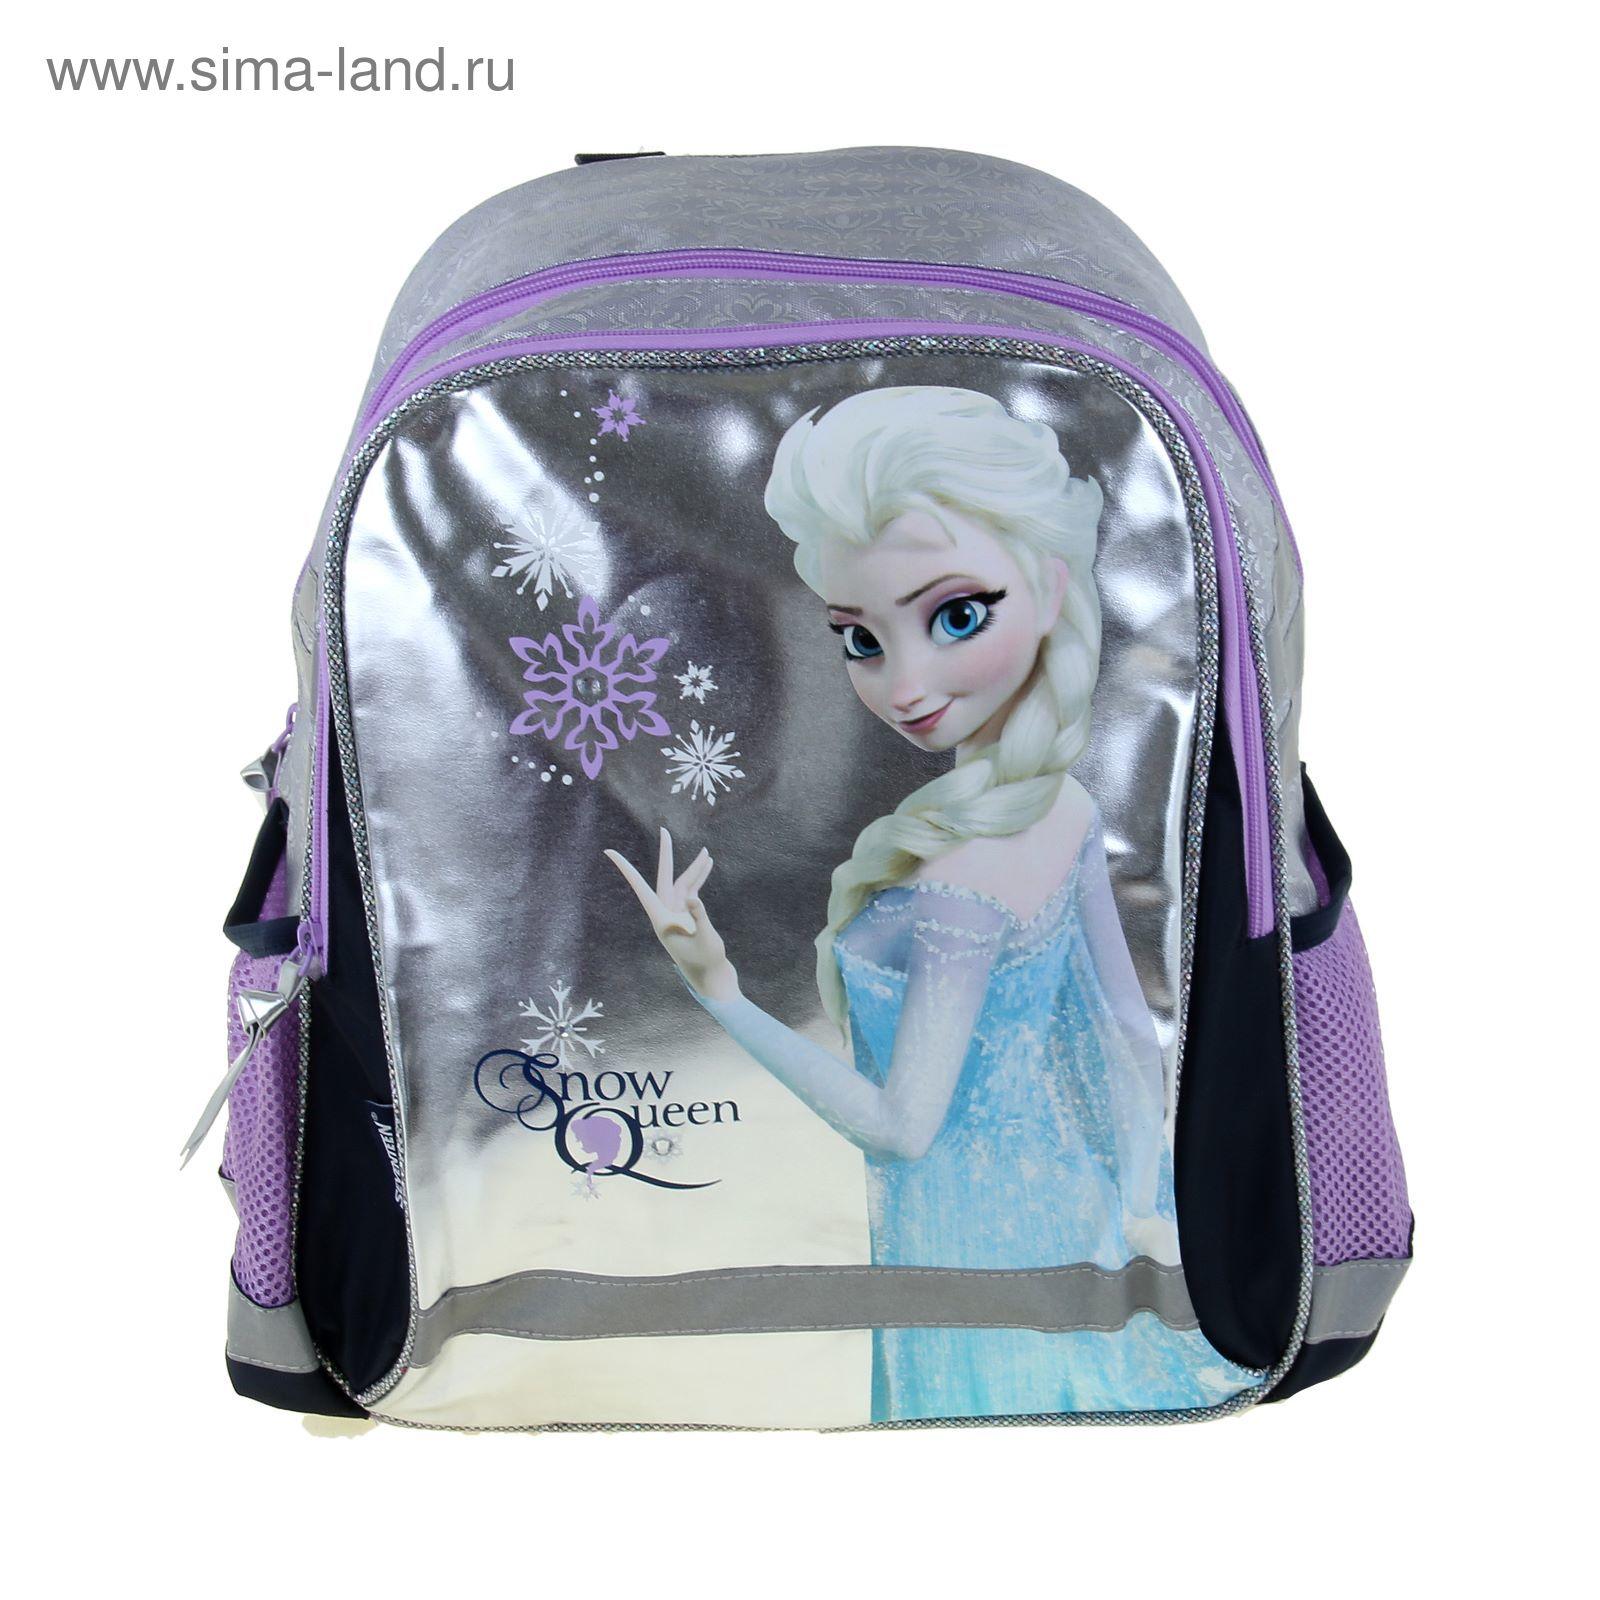 e2a0735bbe86 Рюкзак школьный эргономичная спинка Disney Frozen 37,5*29,5*10,5 см ...